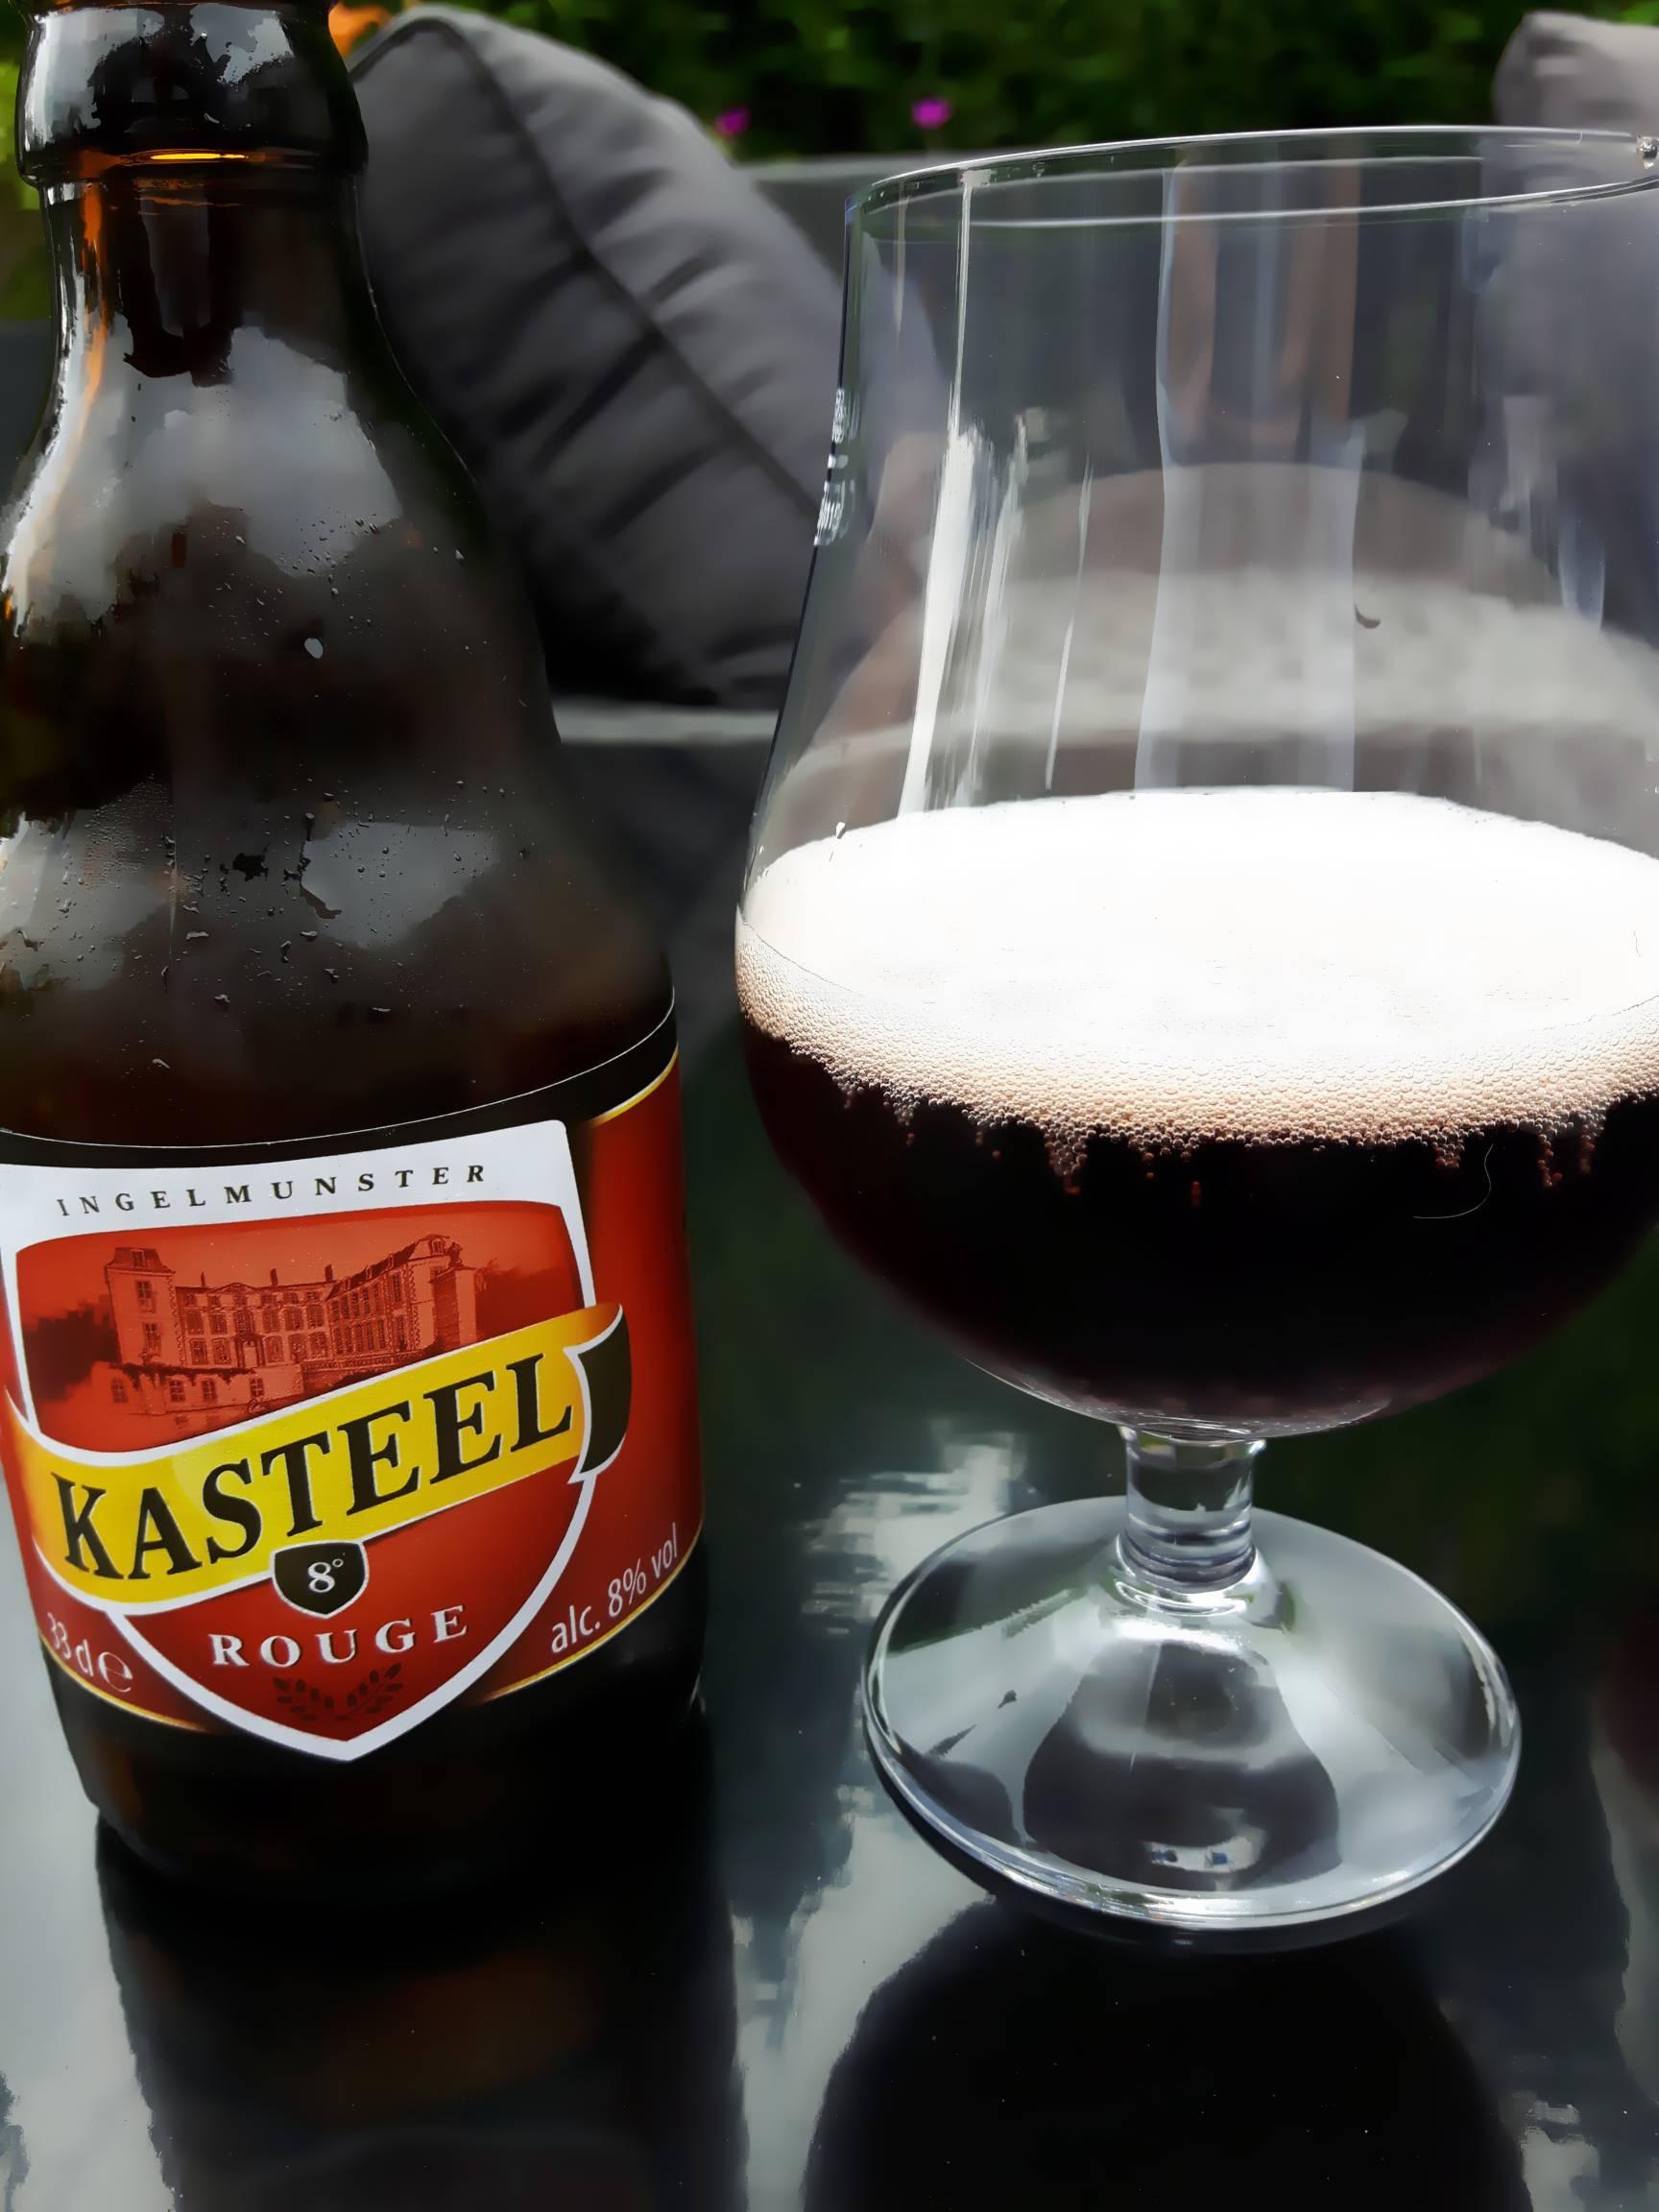 Kastel_Rouge